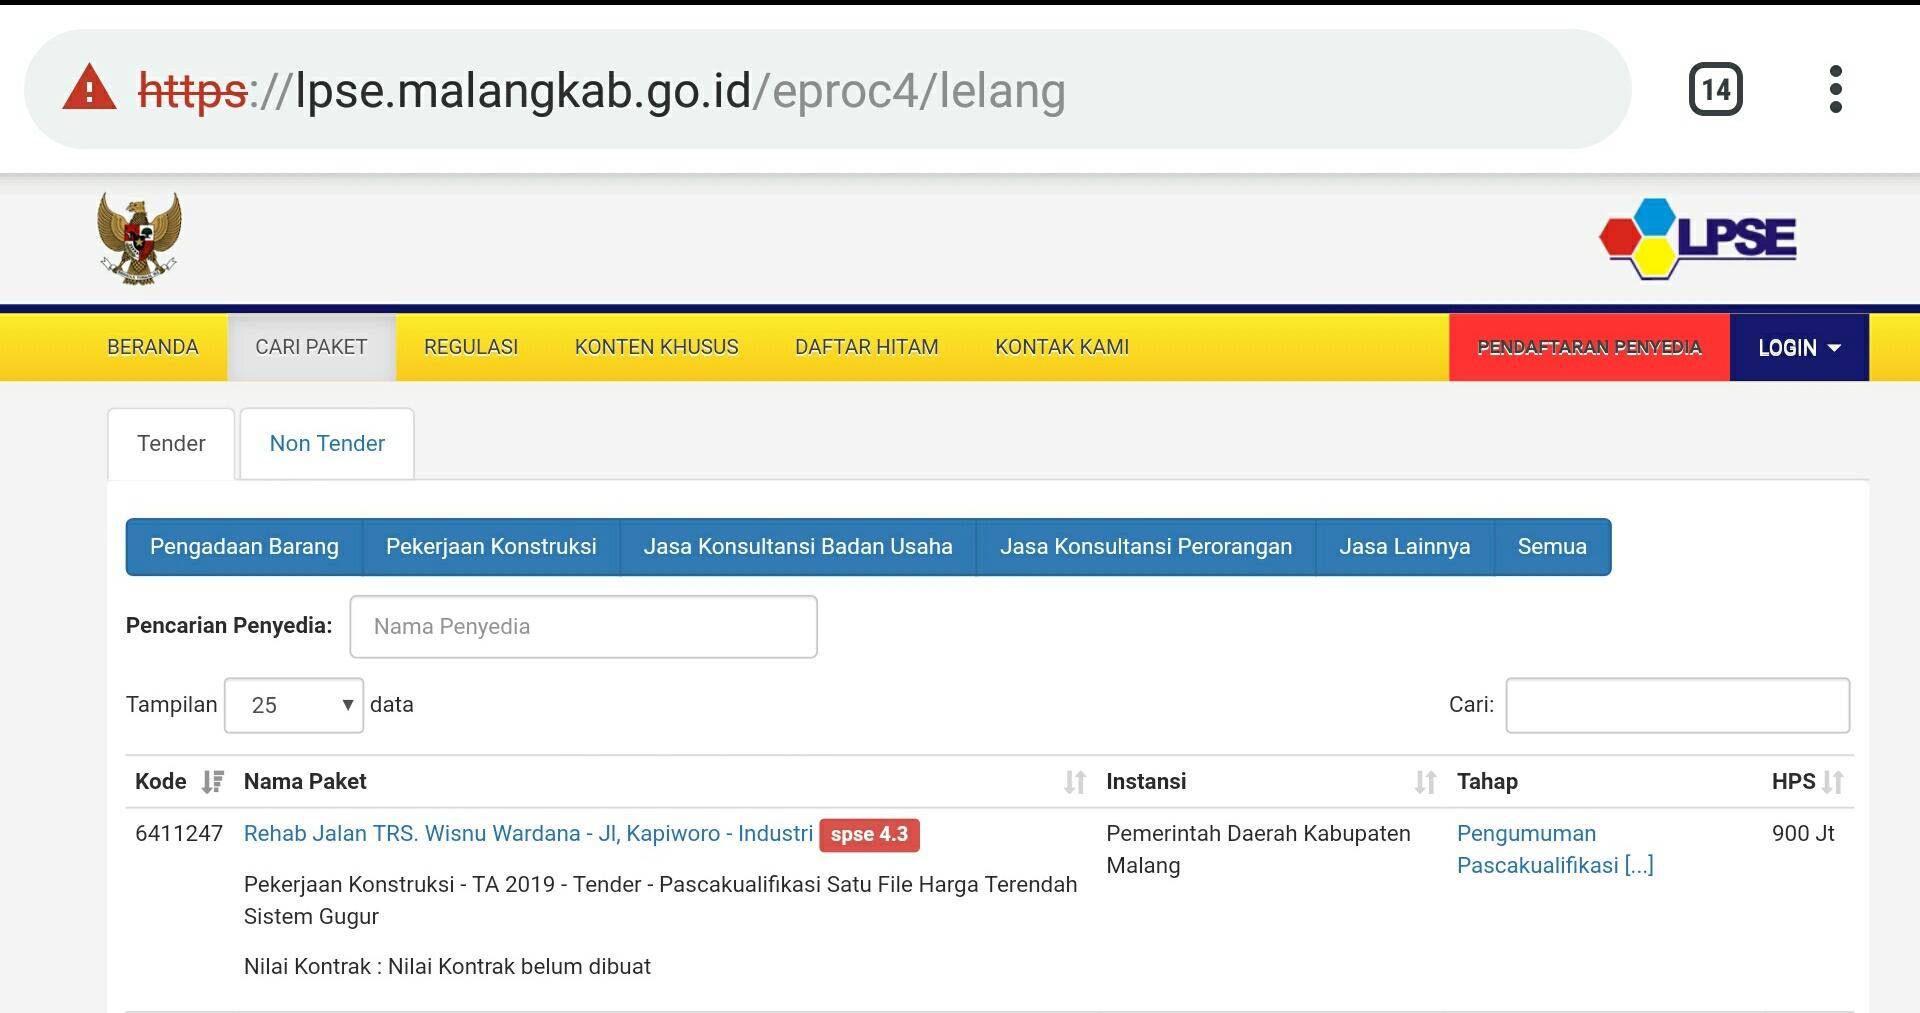 Rekanan Lokal Meradang, Penawaran Paket Lelang di DPUBM Kabupen Malang Turun Hingga 40 Persen